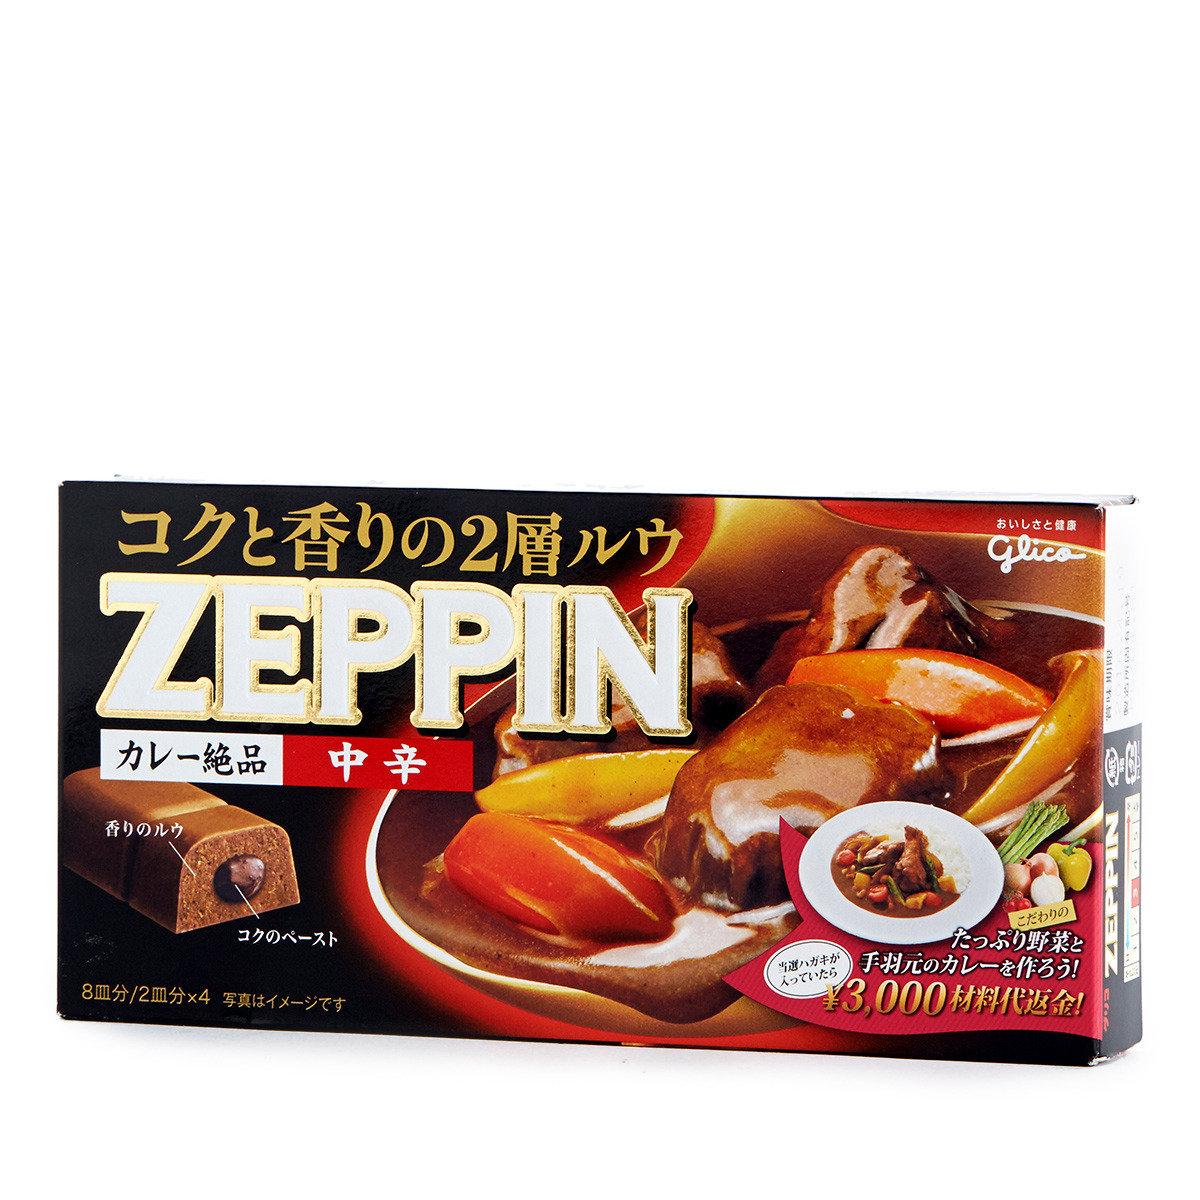 ZEPPIN燒汁夾心咖喱磚 - 中辣